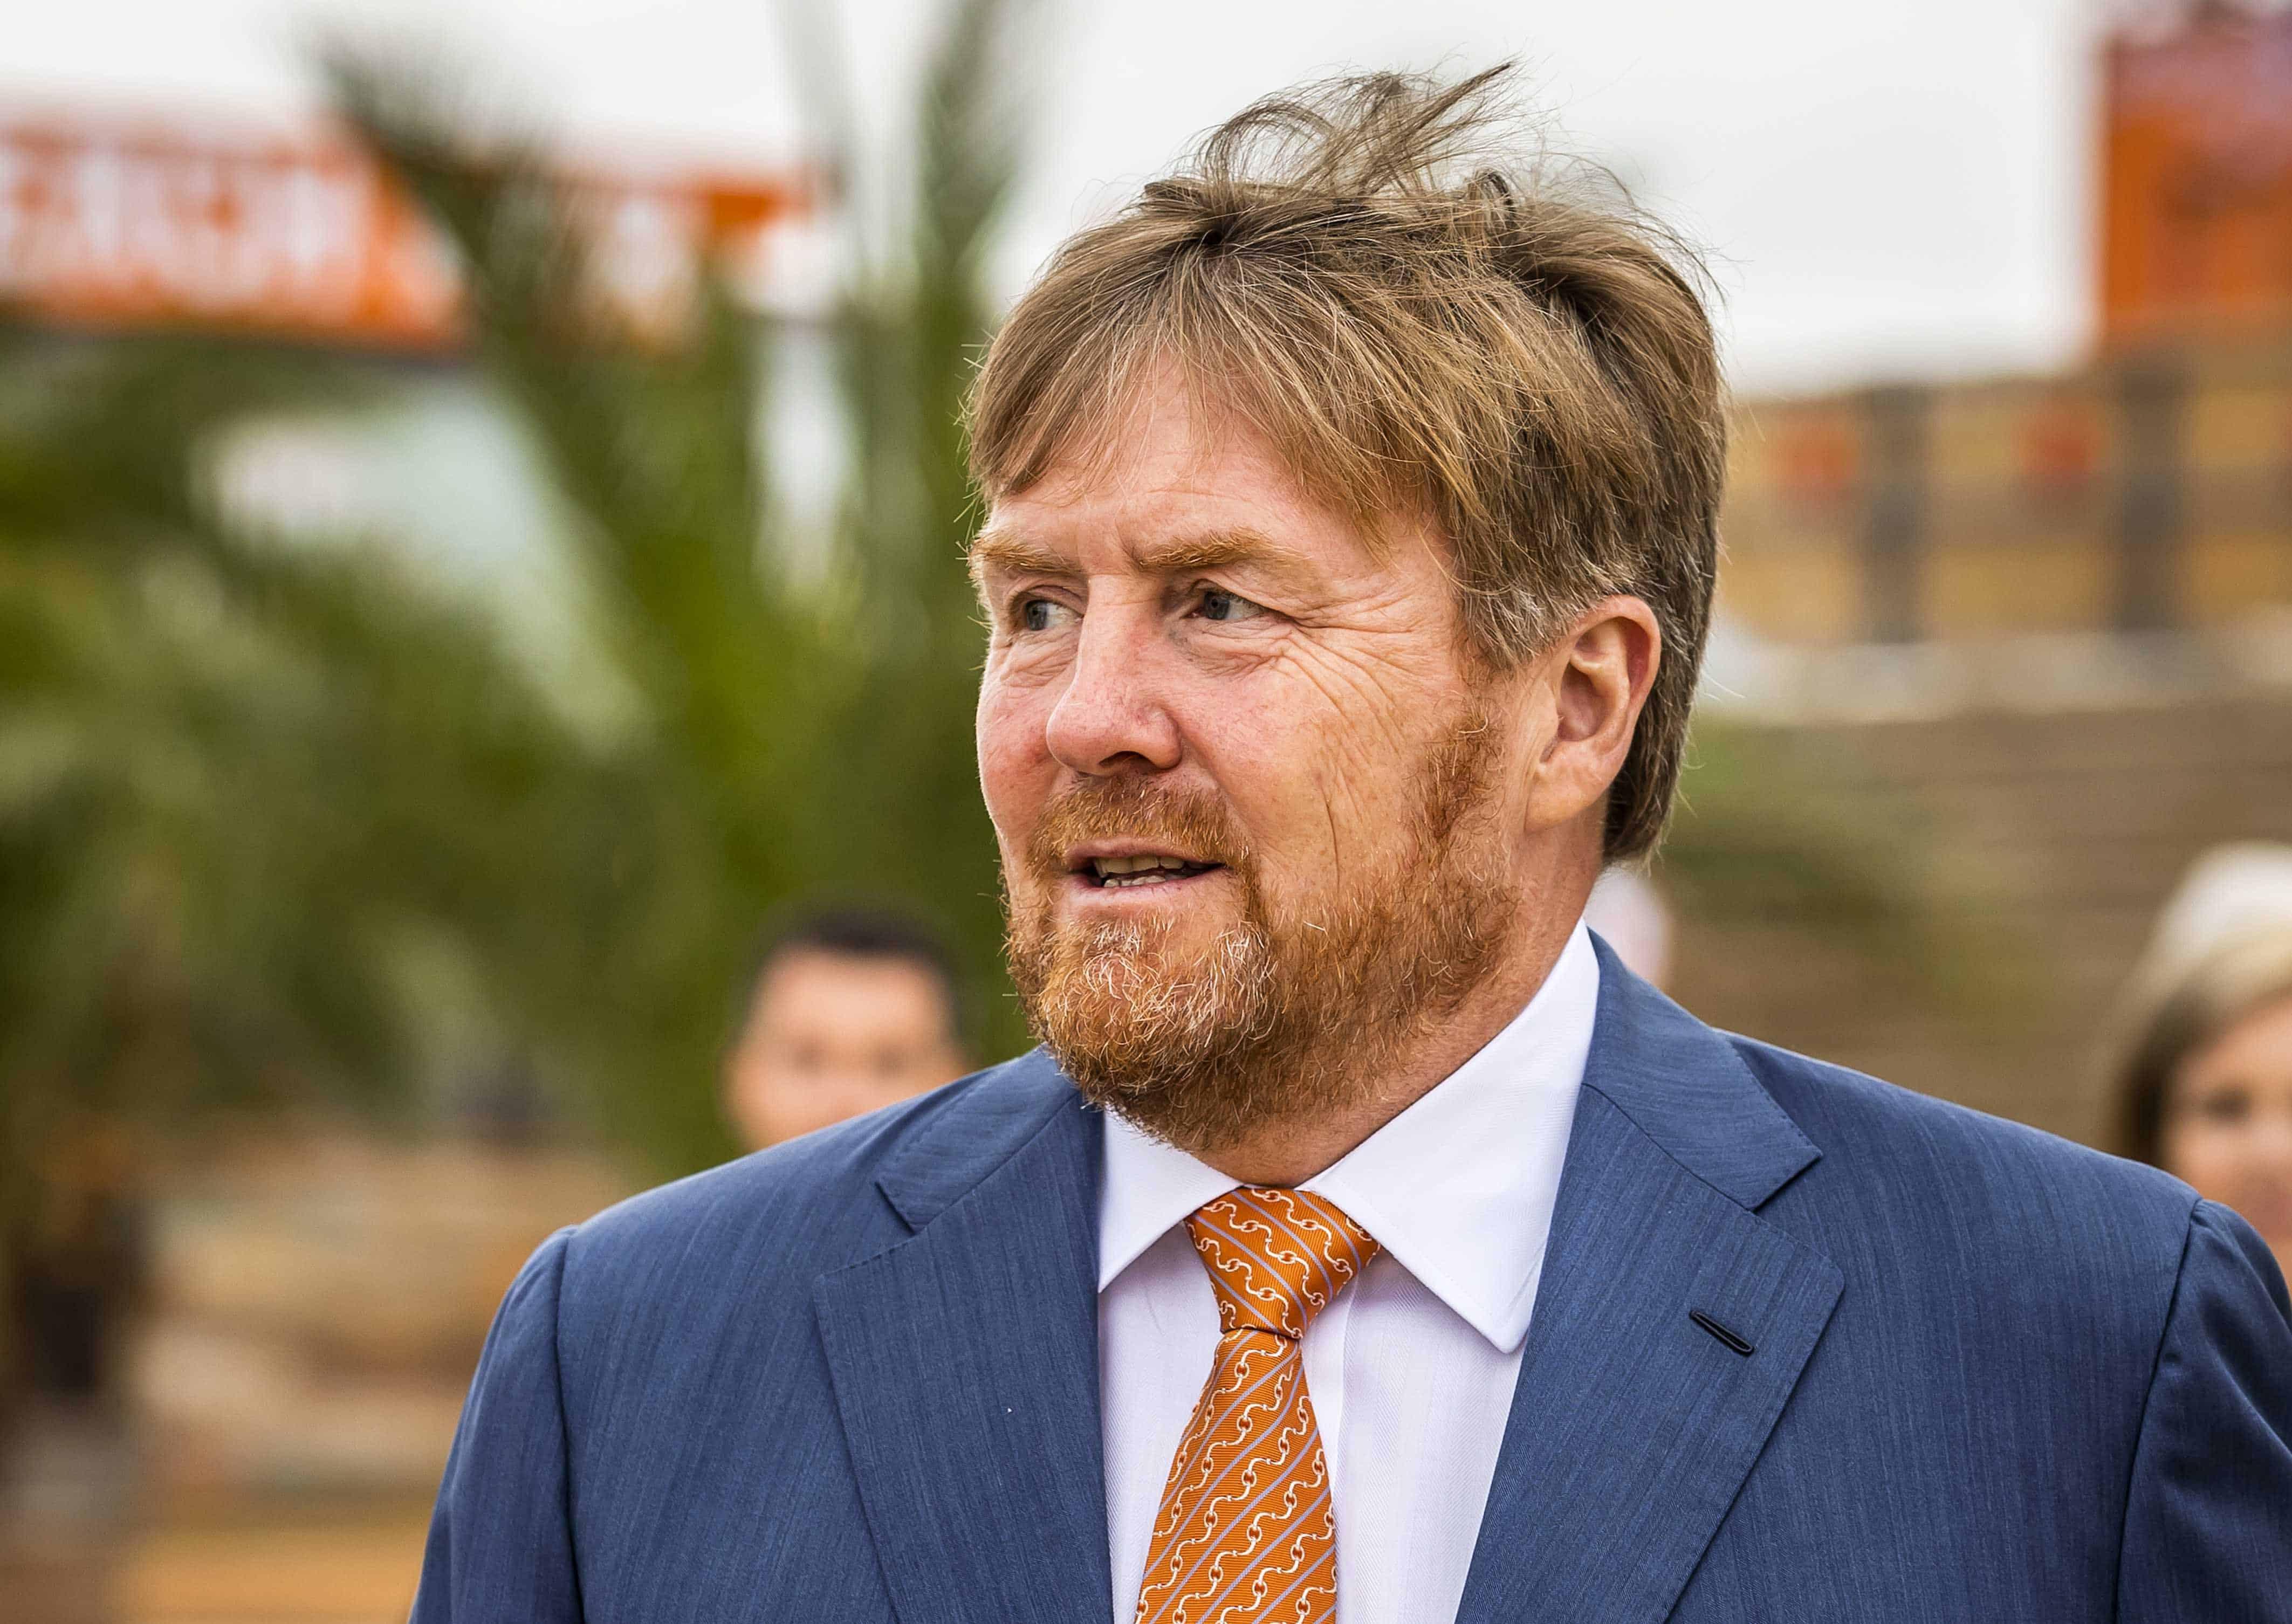 König Willem-Alexander: Wird er diese Entscheidung noch bereuen?